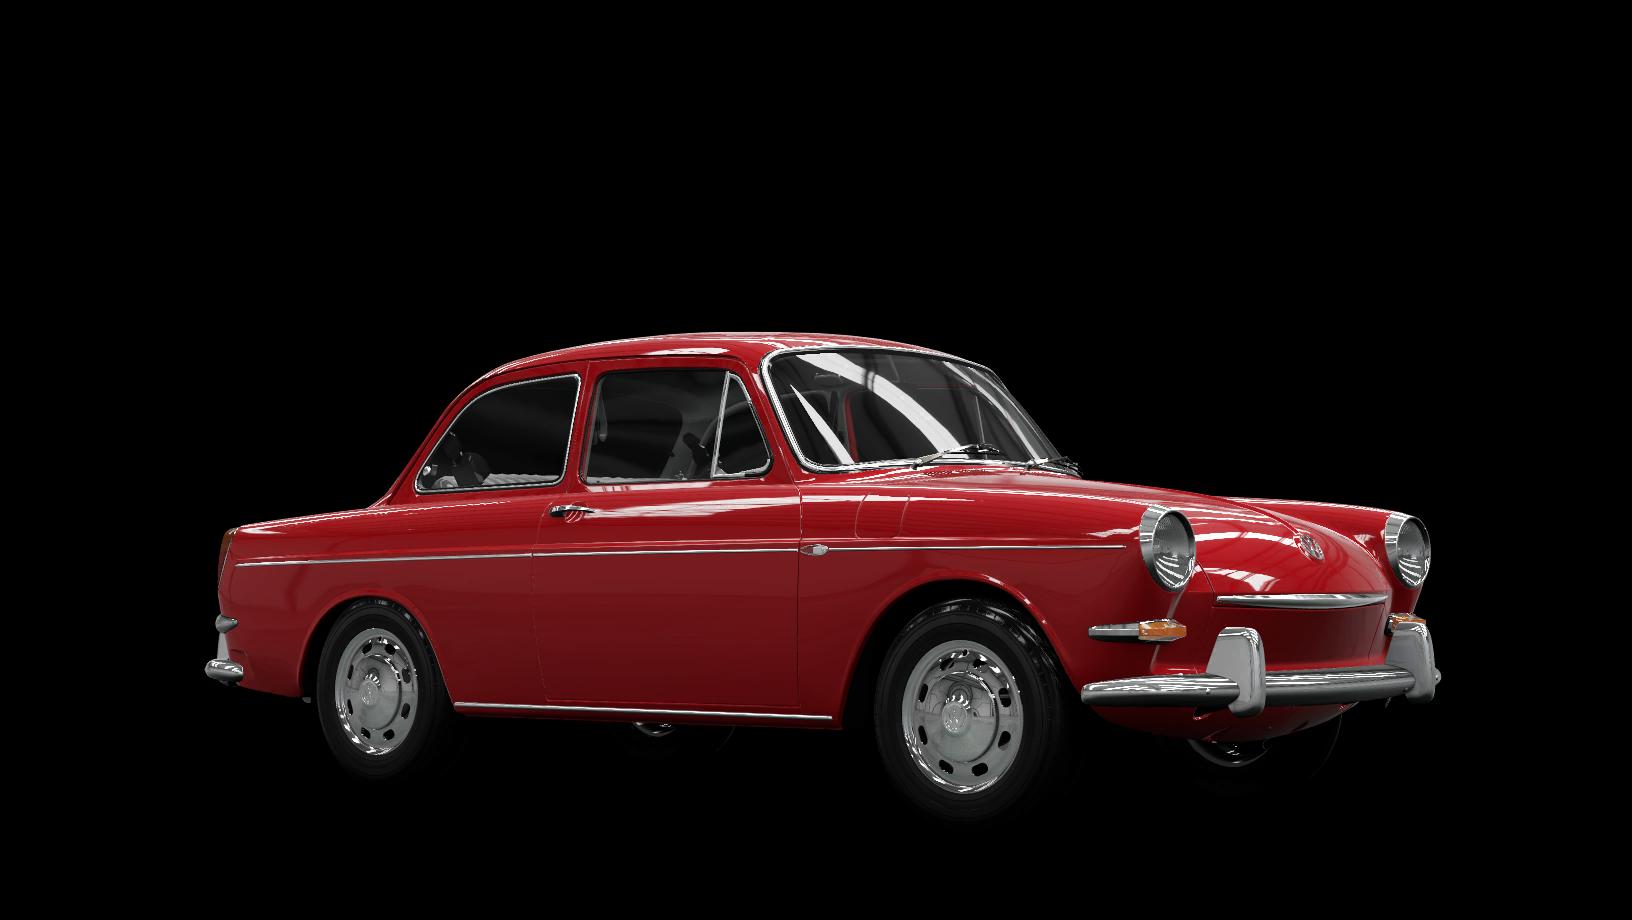 Volkswagen Type 3 1600 L